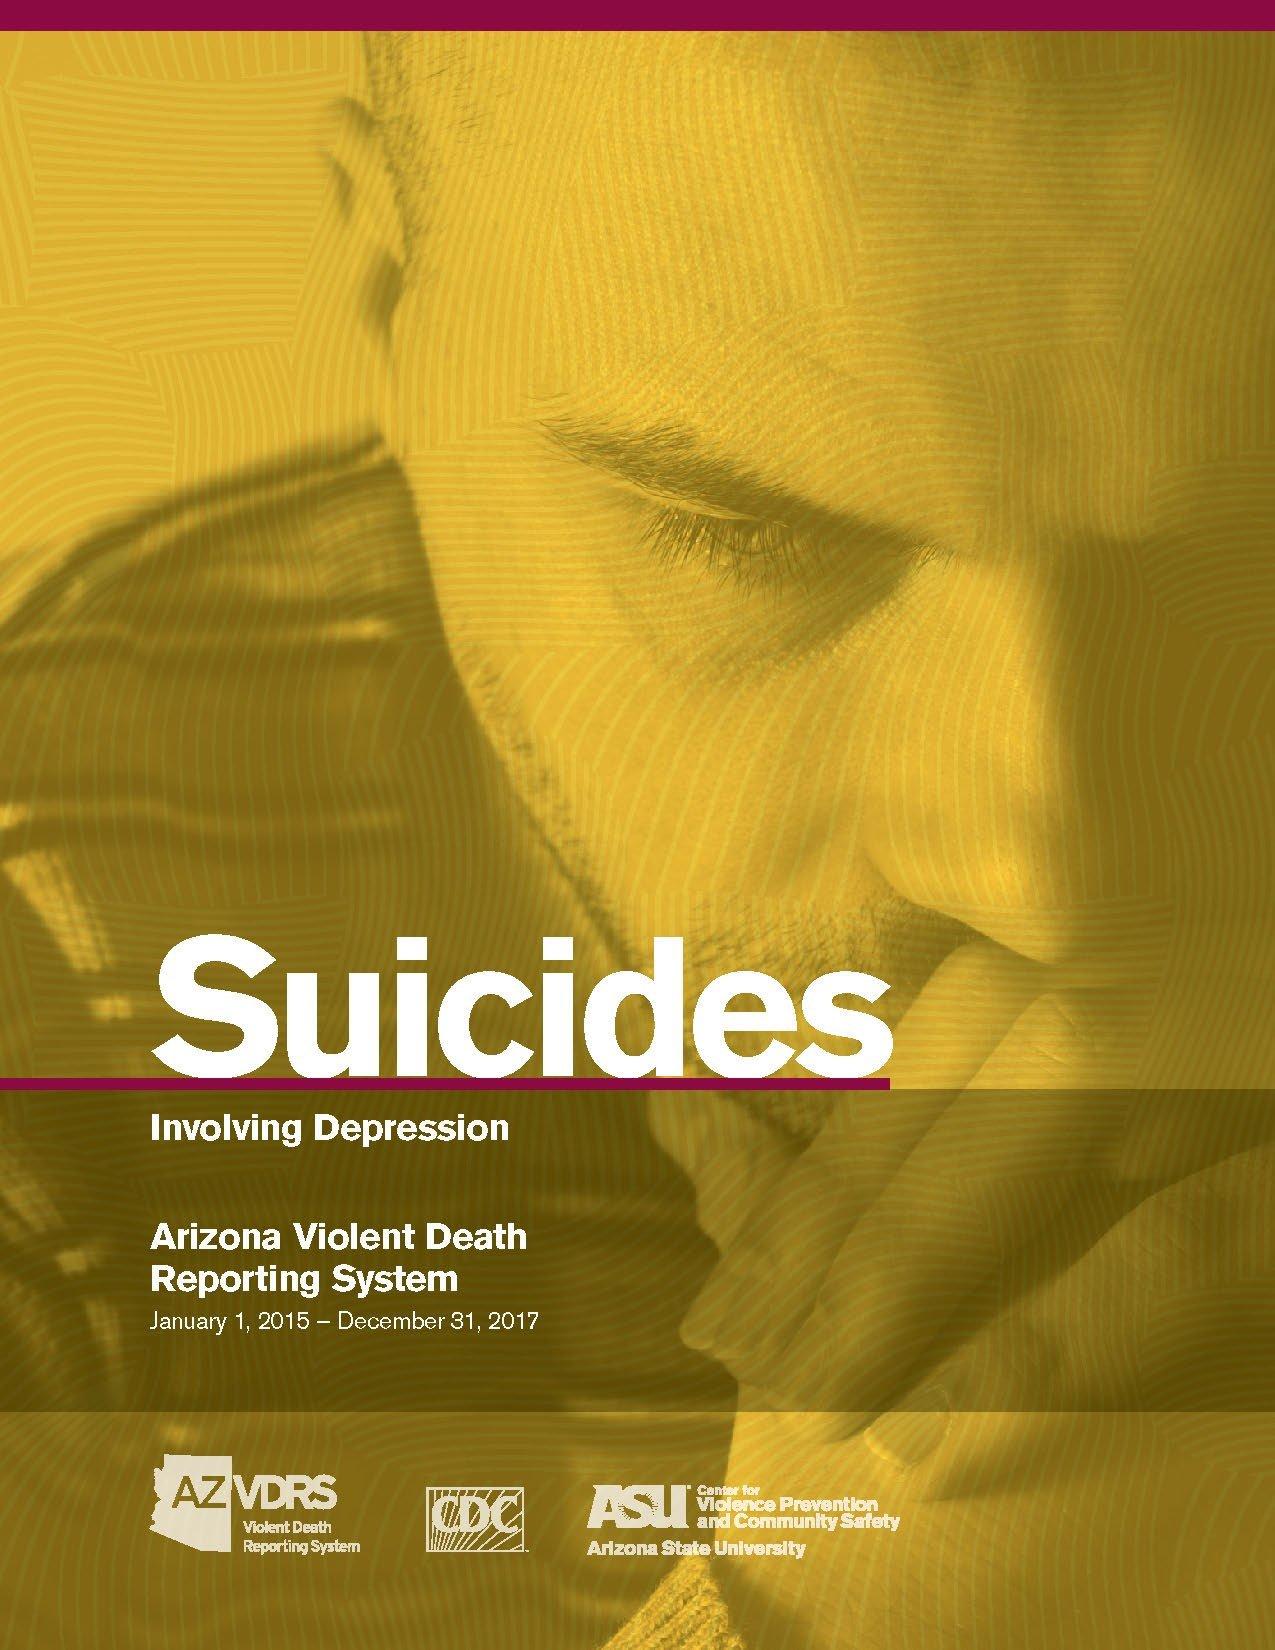 AZVDRS Suicides Involving Depression report cover